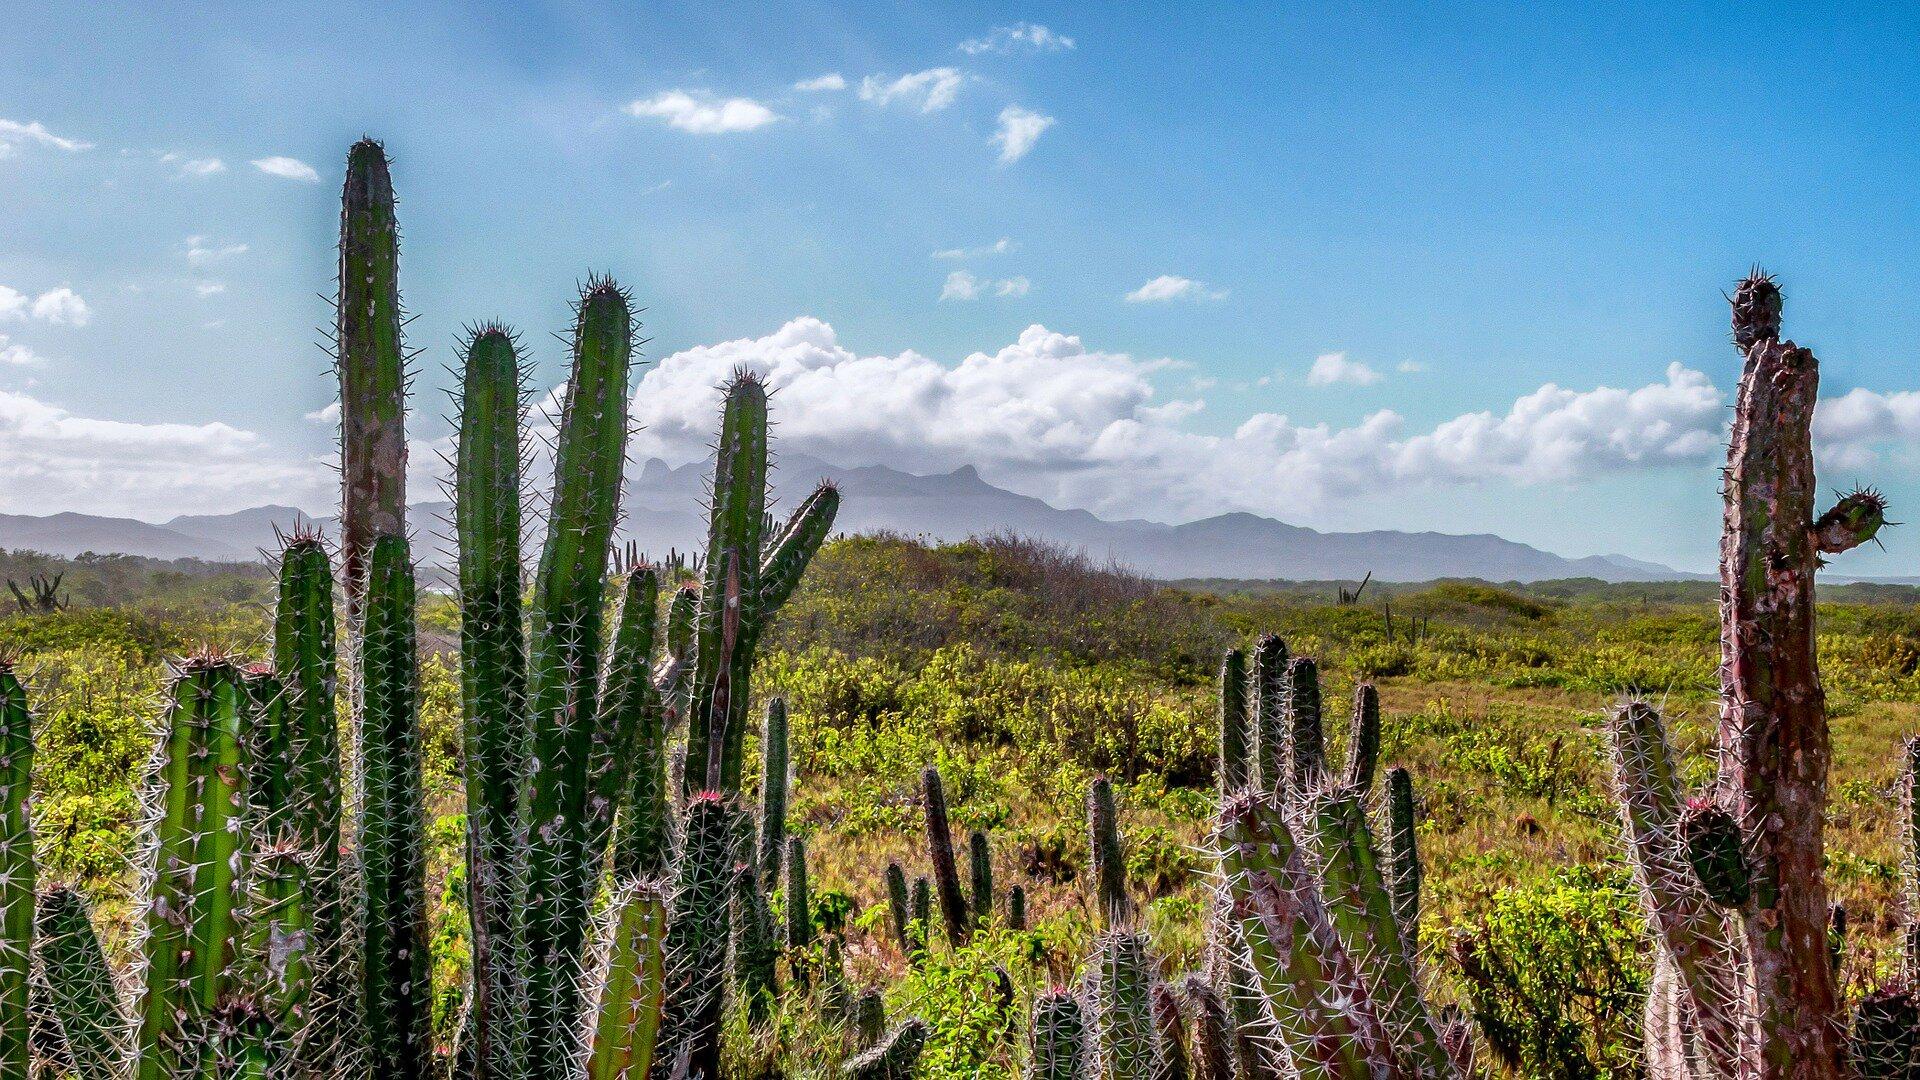 Zdjęcie przedstawia krajobraz stepowy. Na pierwszym planie widoczna jest kępa wysokich kaktusów. Na dalszym planie widać równinę porośniętą niską roślinnością. Woddali, na horyzoncie rysują się szczyty górskie.